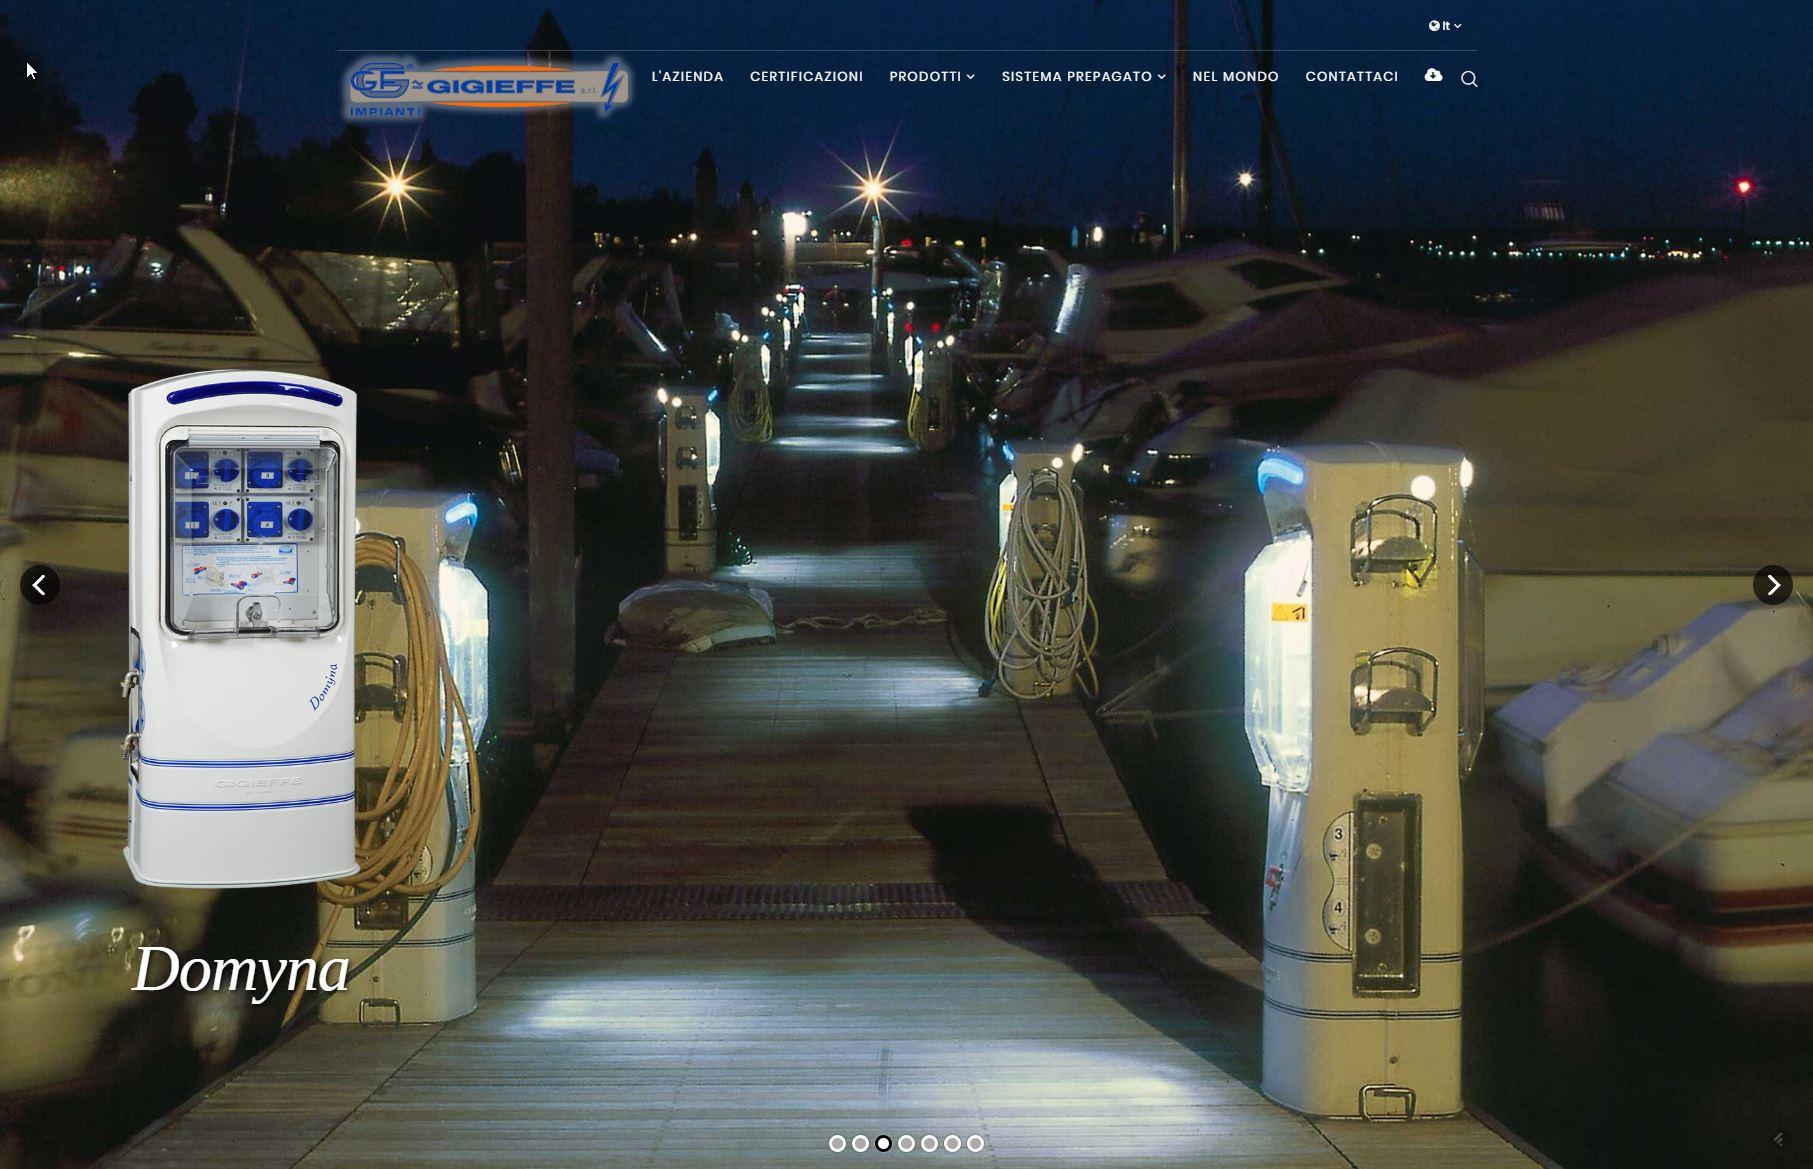 www.gigieffe.com